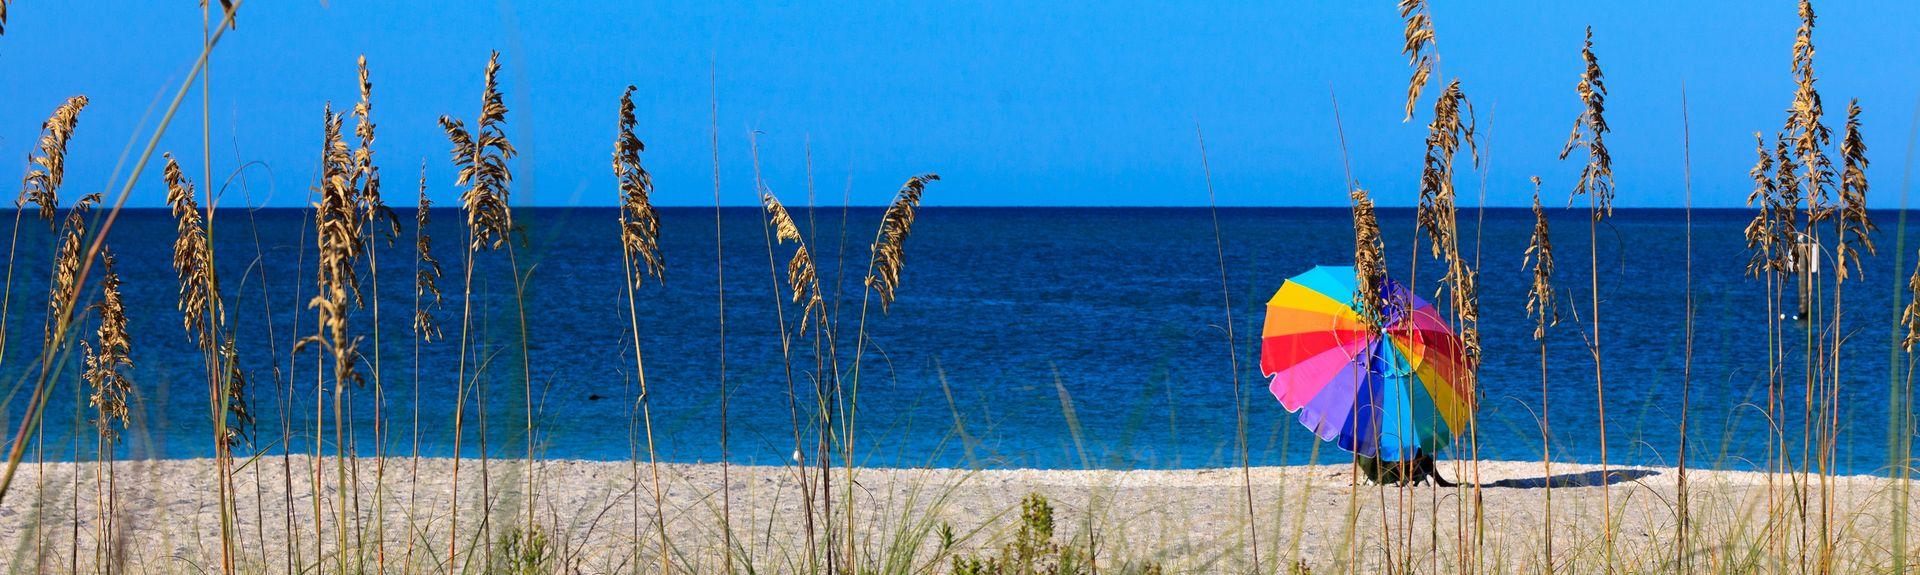 Englewood Beach, Englewood, Floride, États-Unis d'Amérique